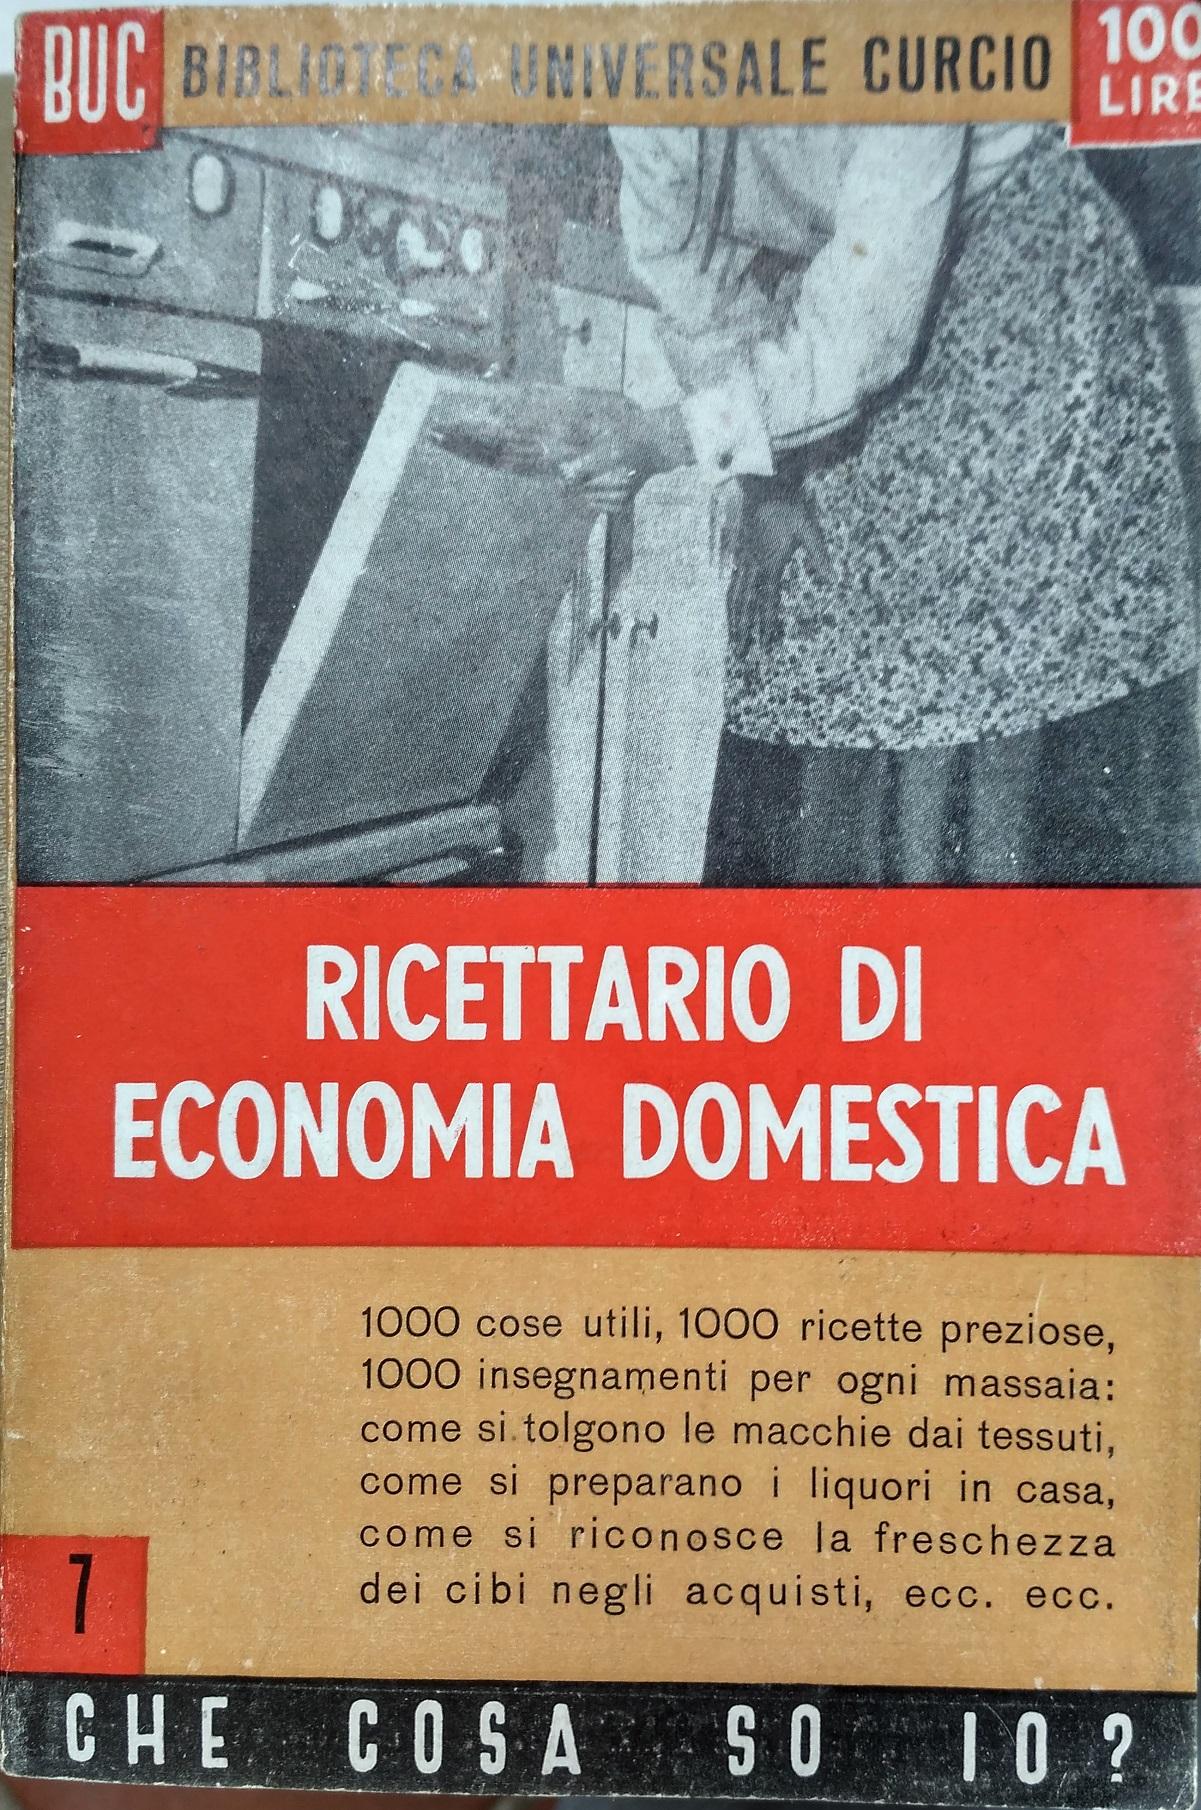 Ricettario di economia domestica